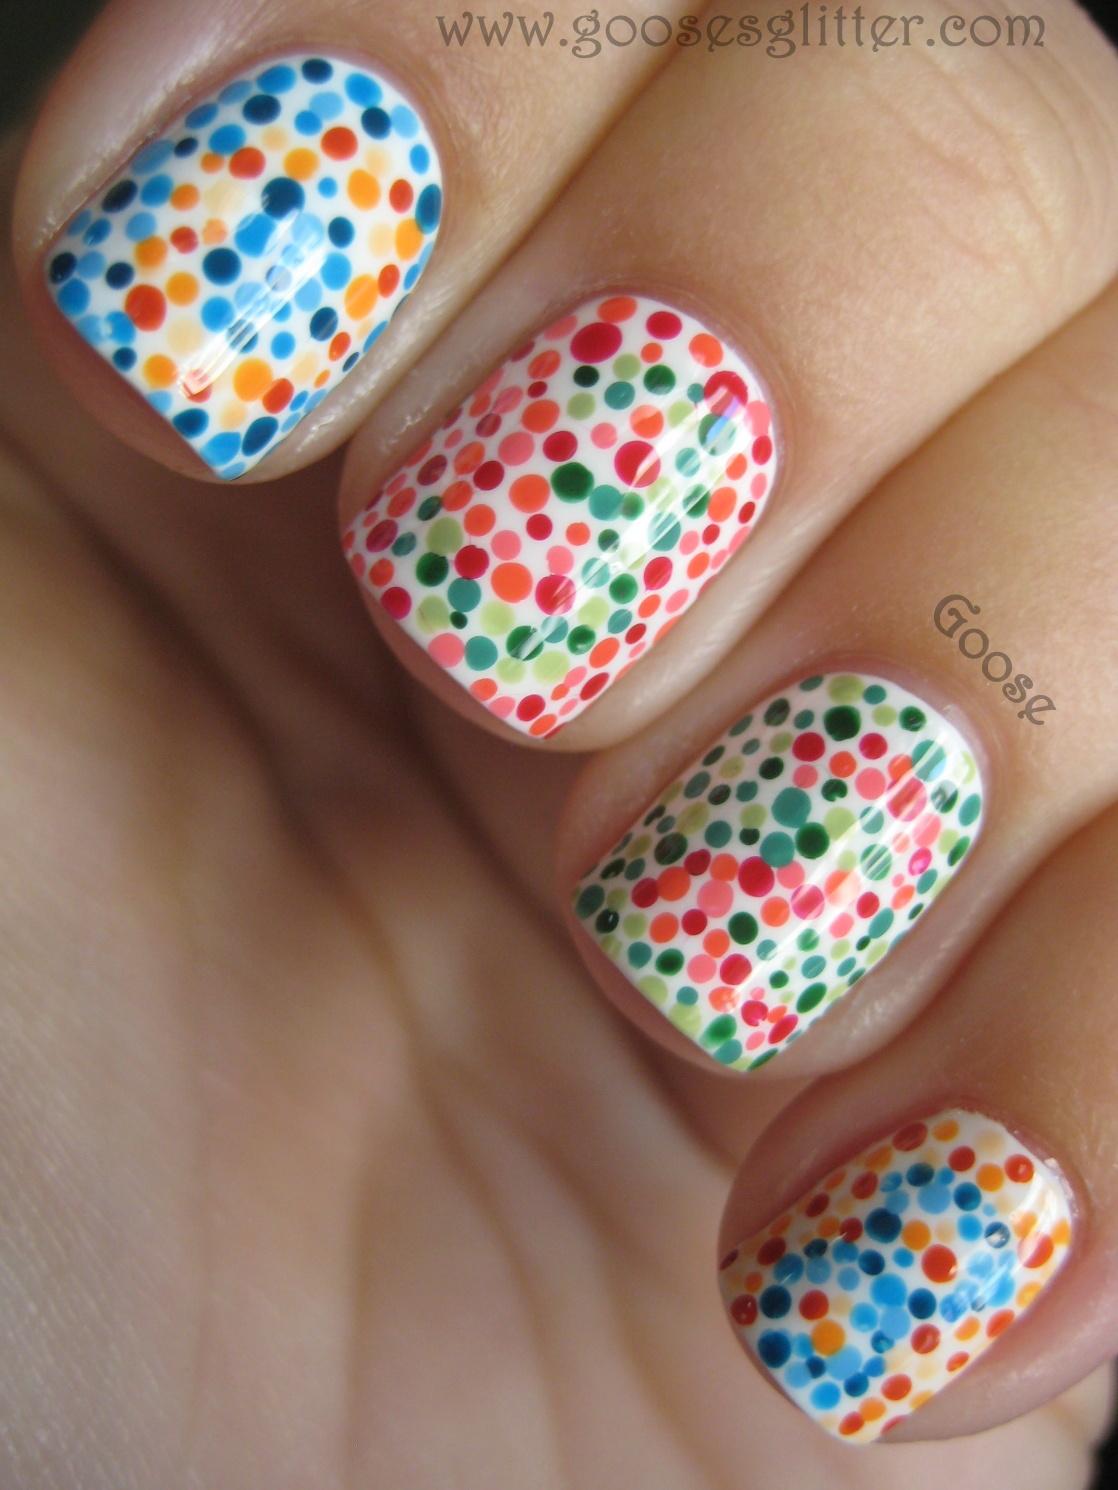 Manicure Color Blind Test